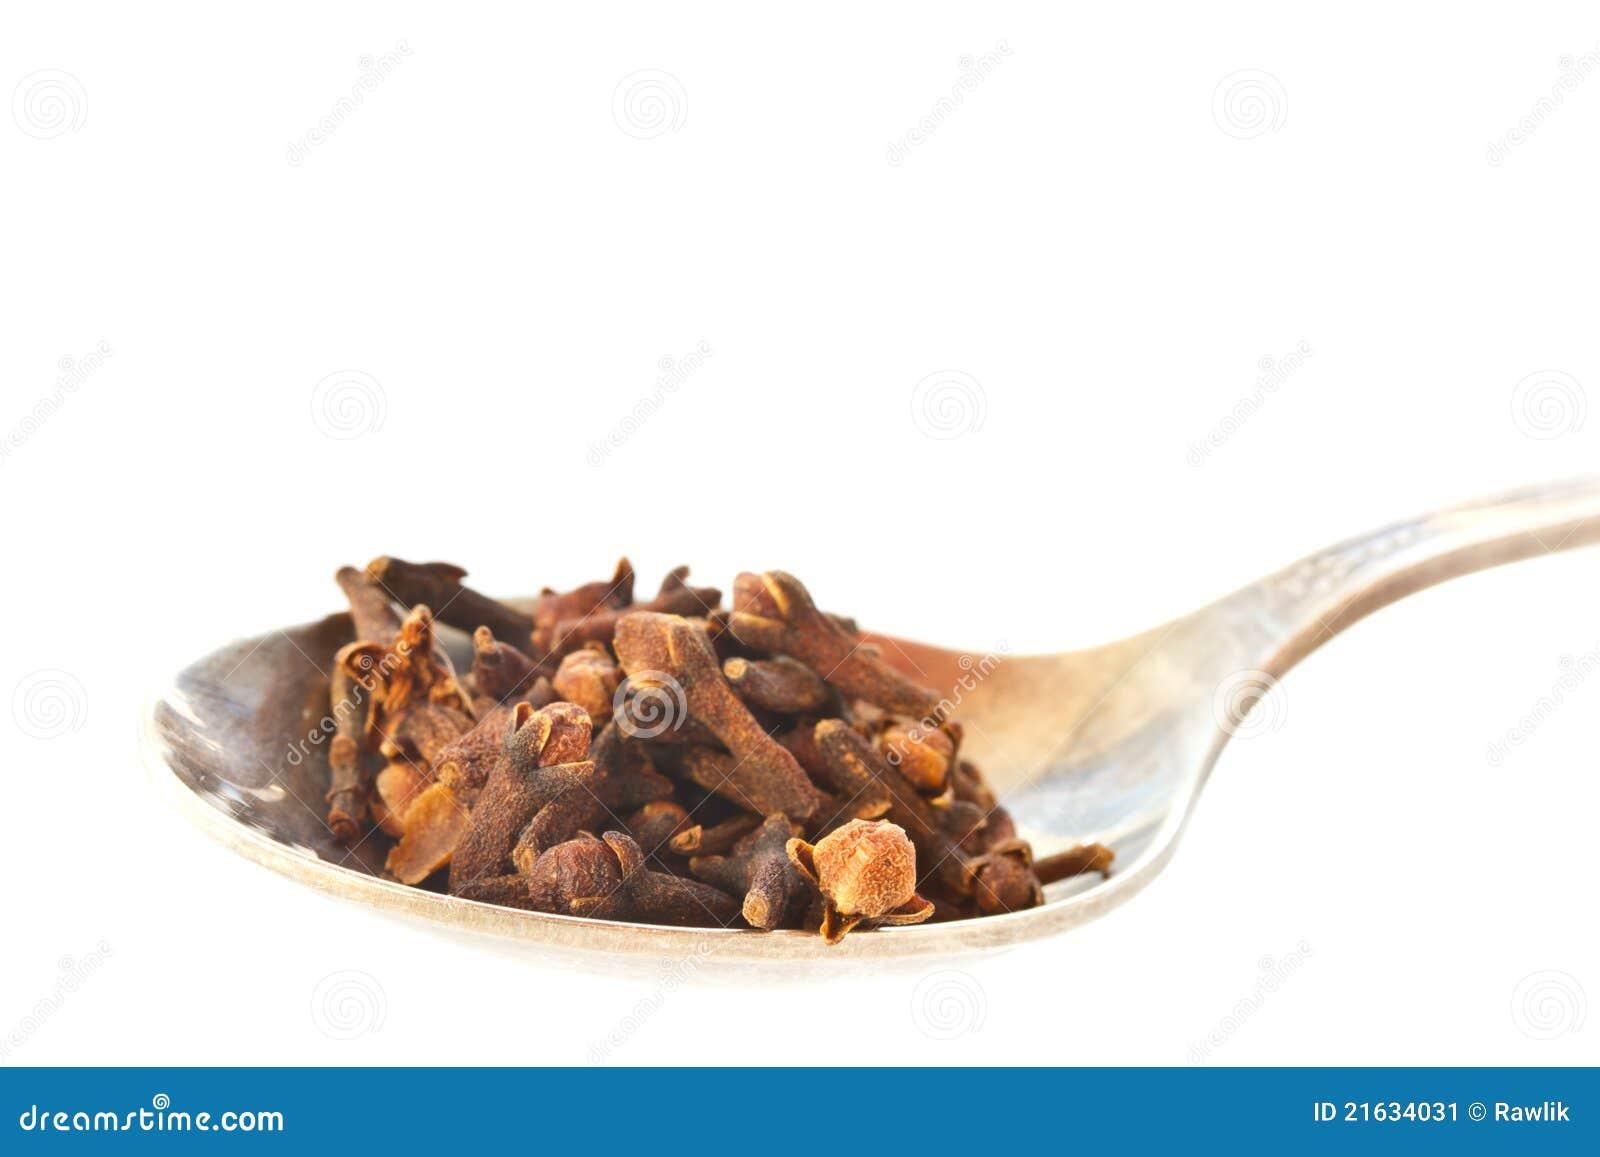 Condiment cloves